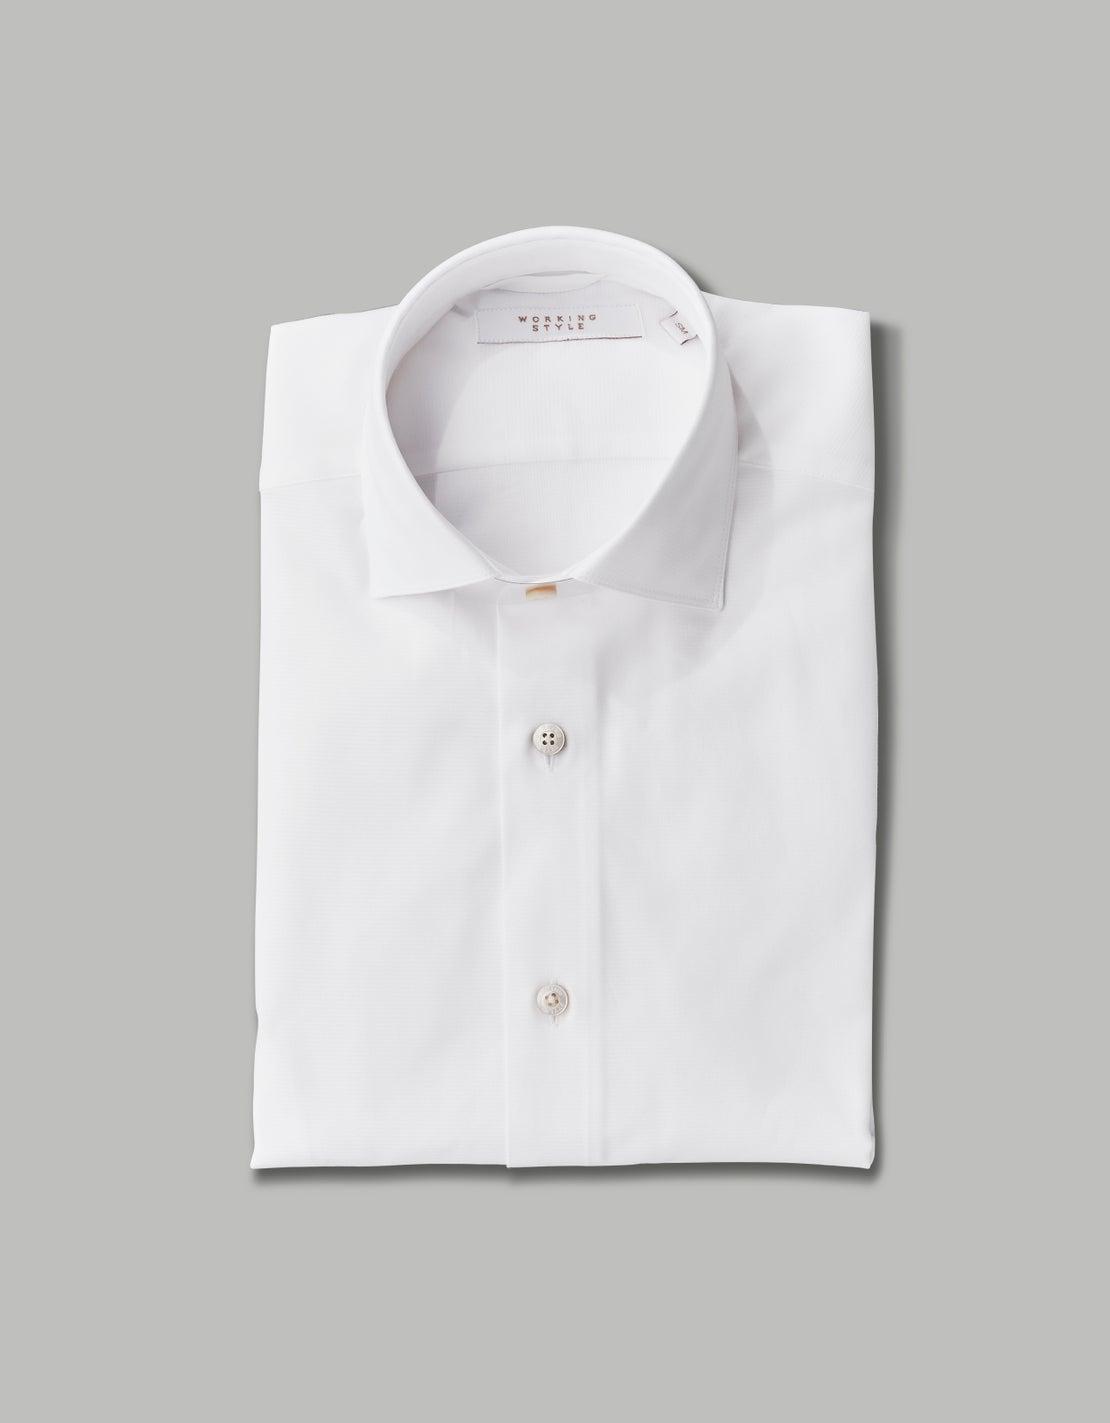 White Textured Shirt